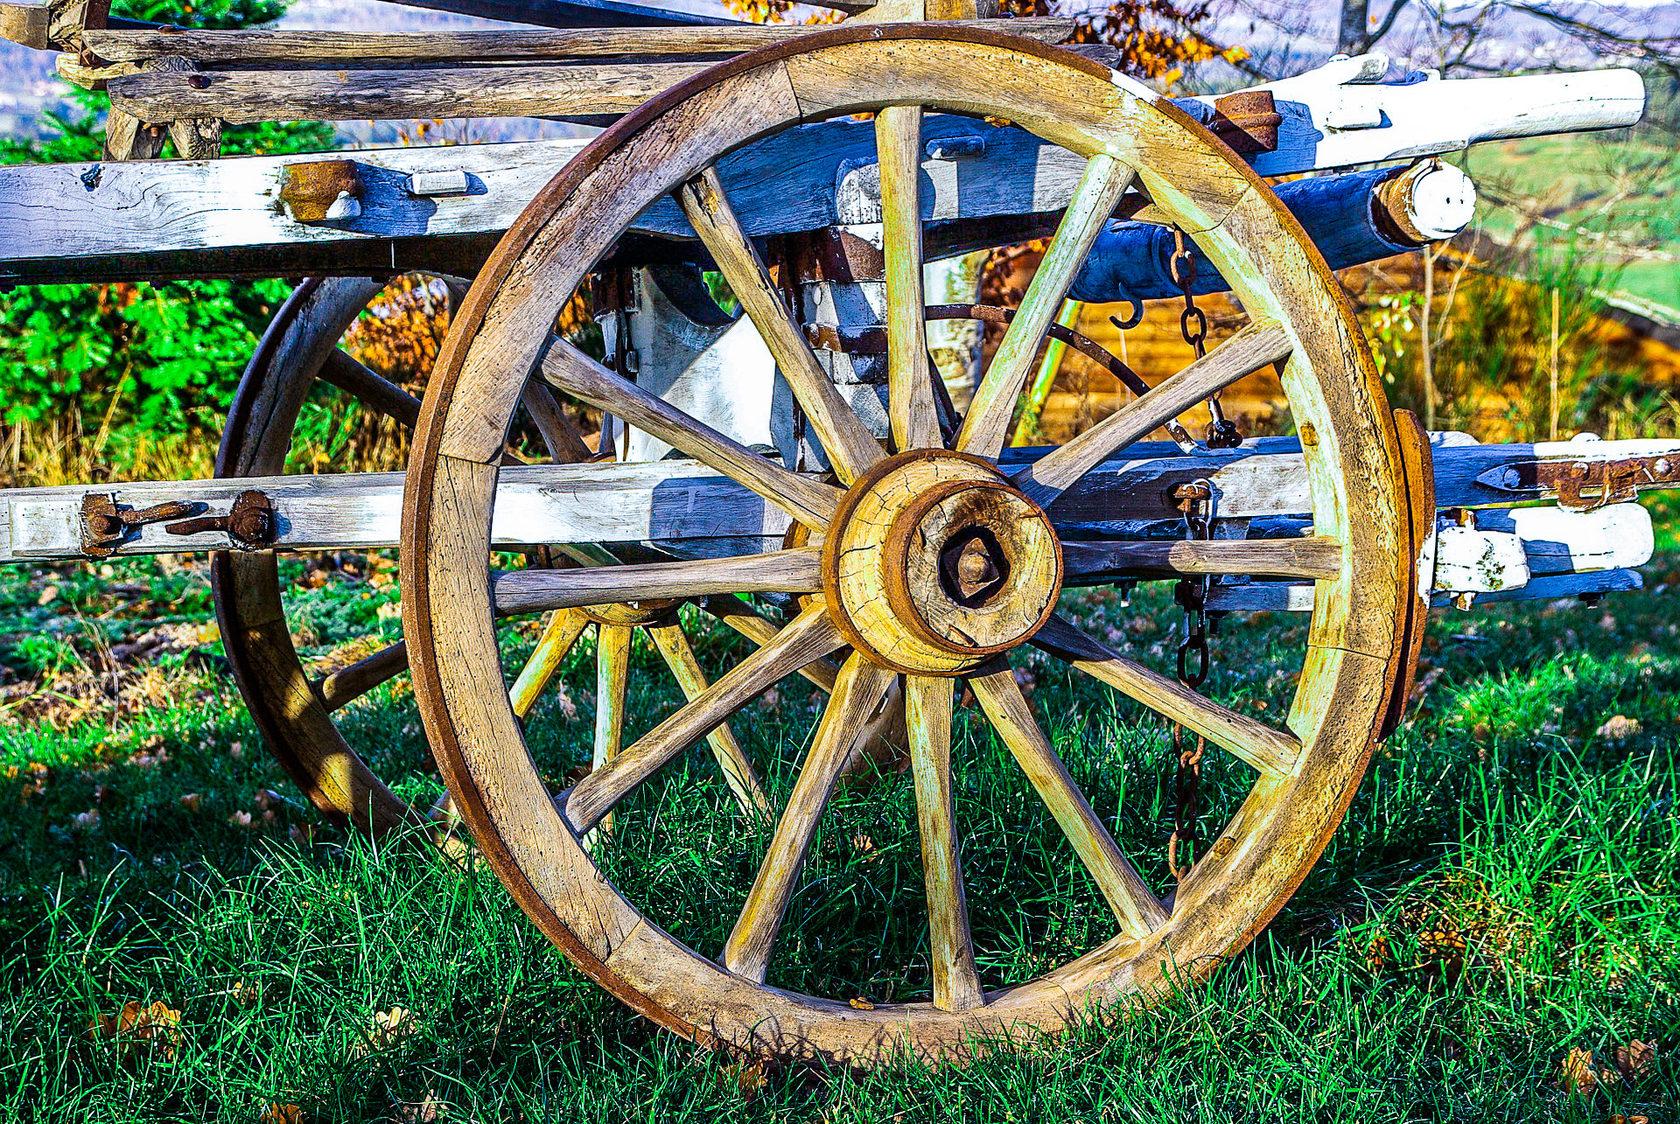 немного картинка колесо и повозка смерти деда